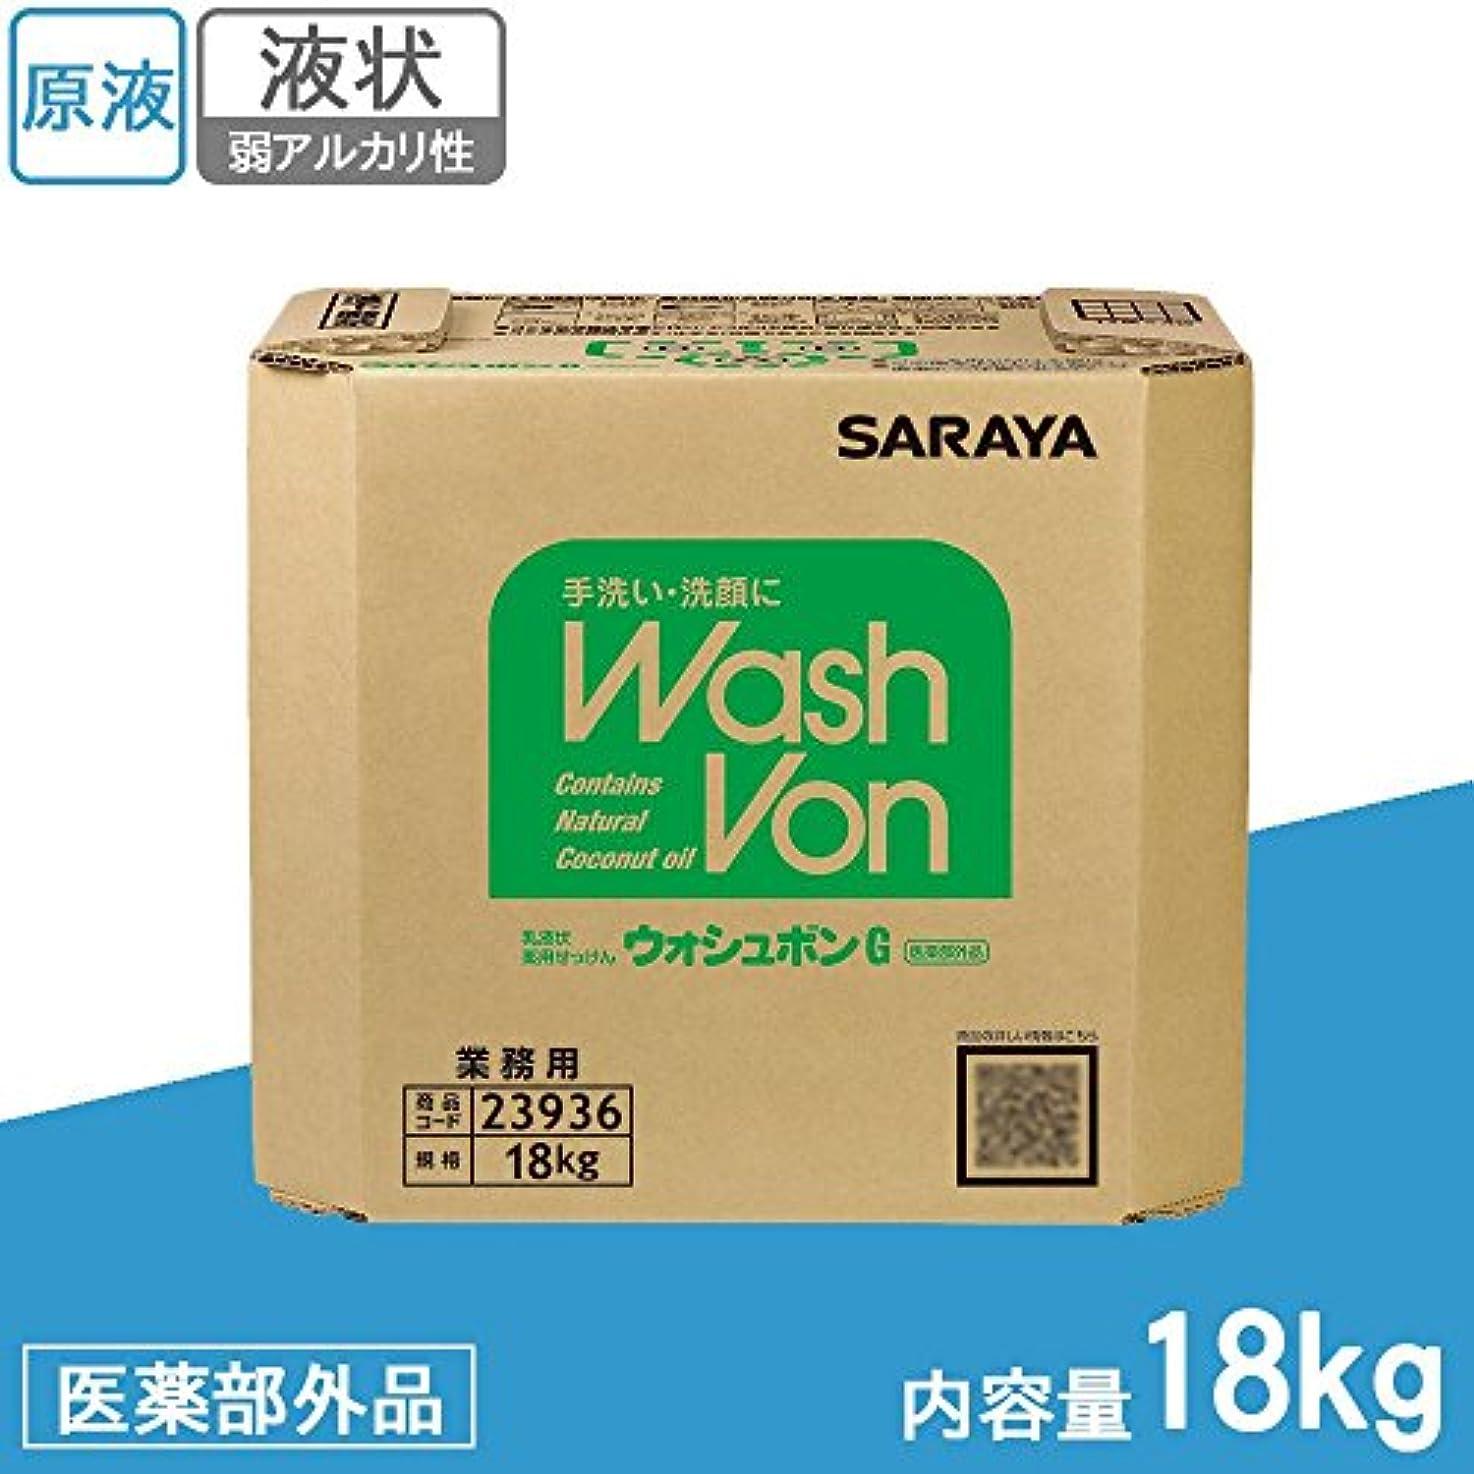 誠実さ飢饉句サラヤ 業務用 乳液状薬用せっけん ウォシュボンG 18kg BIB 23936 (医薬部外品)